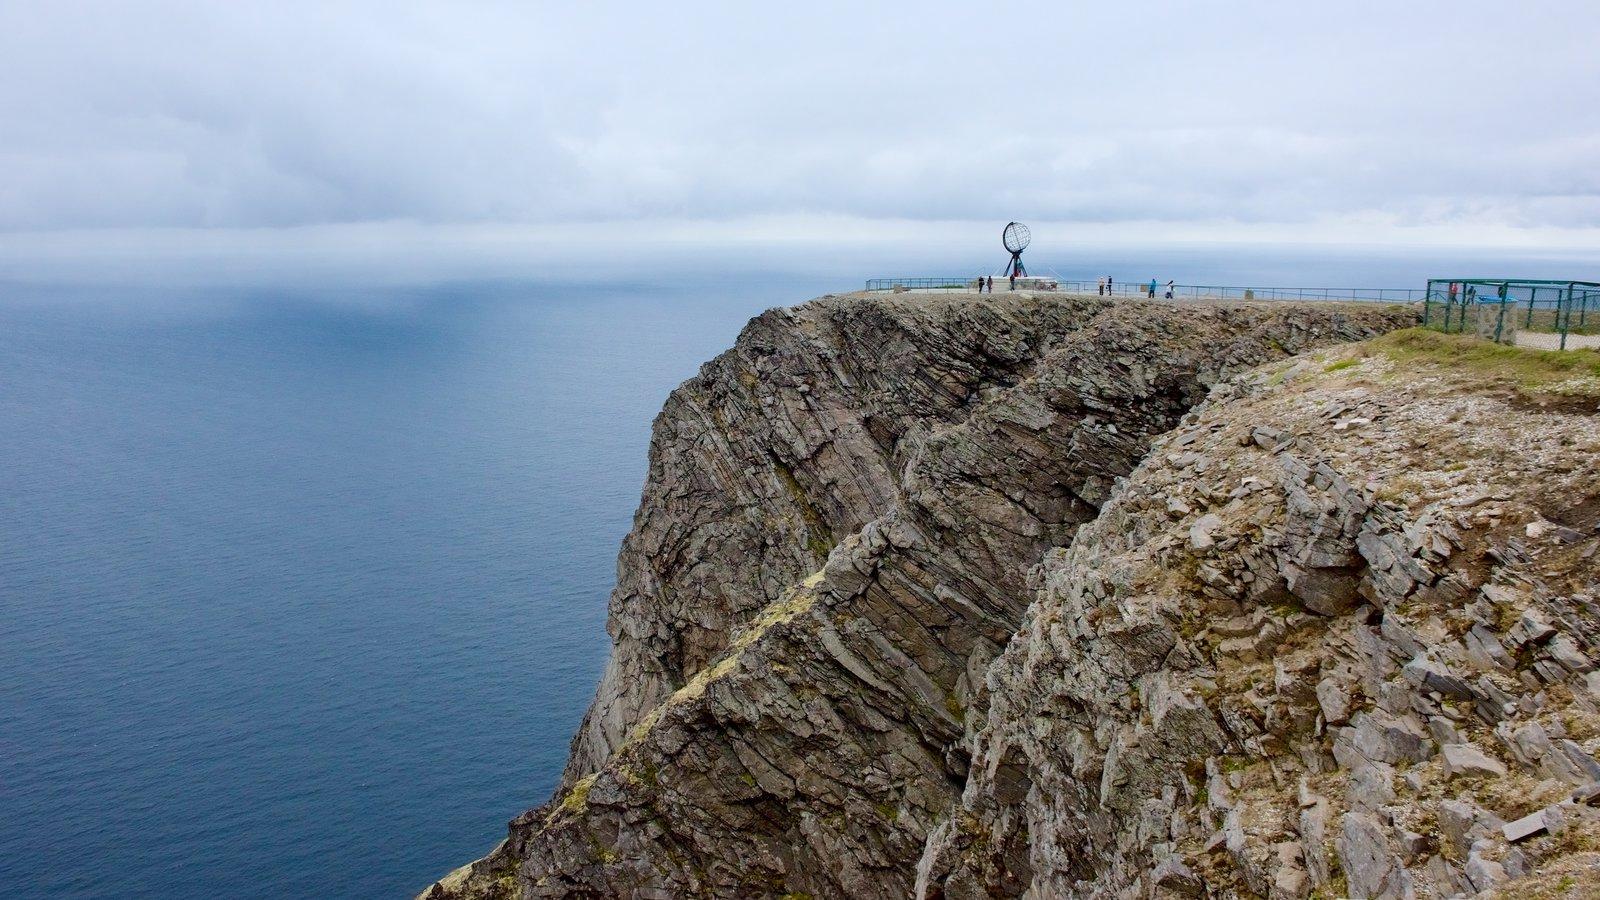 North Cape ofreciendo neblina o niebla y vistas